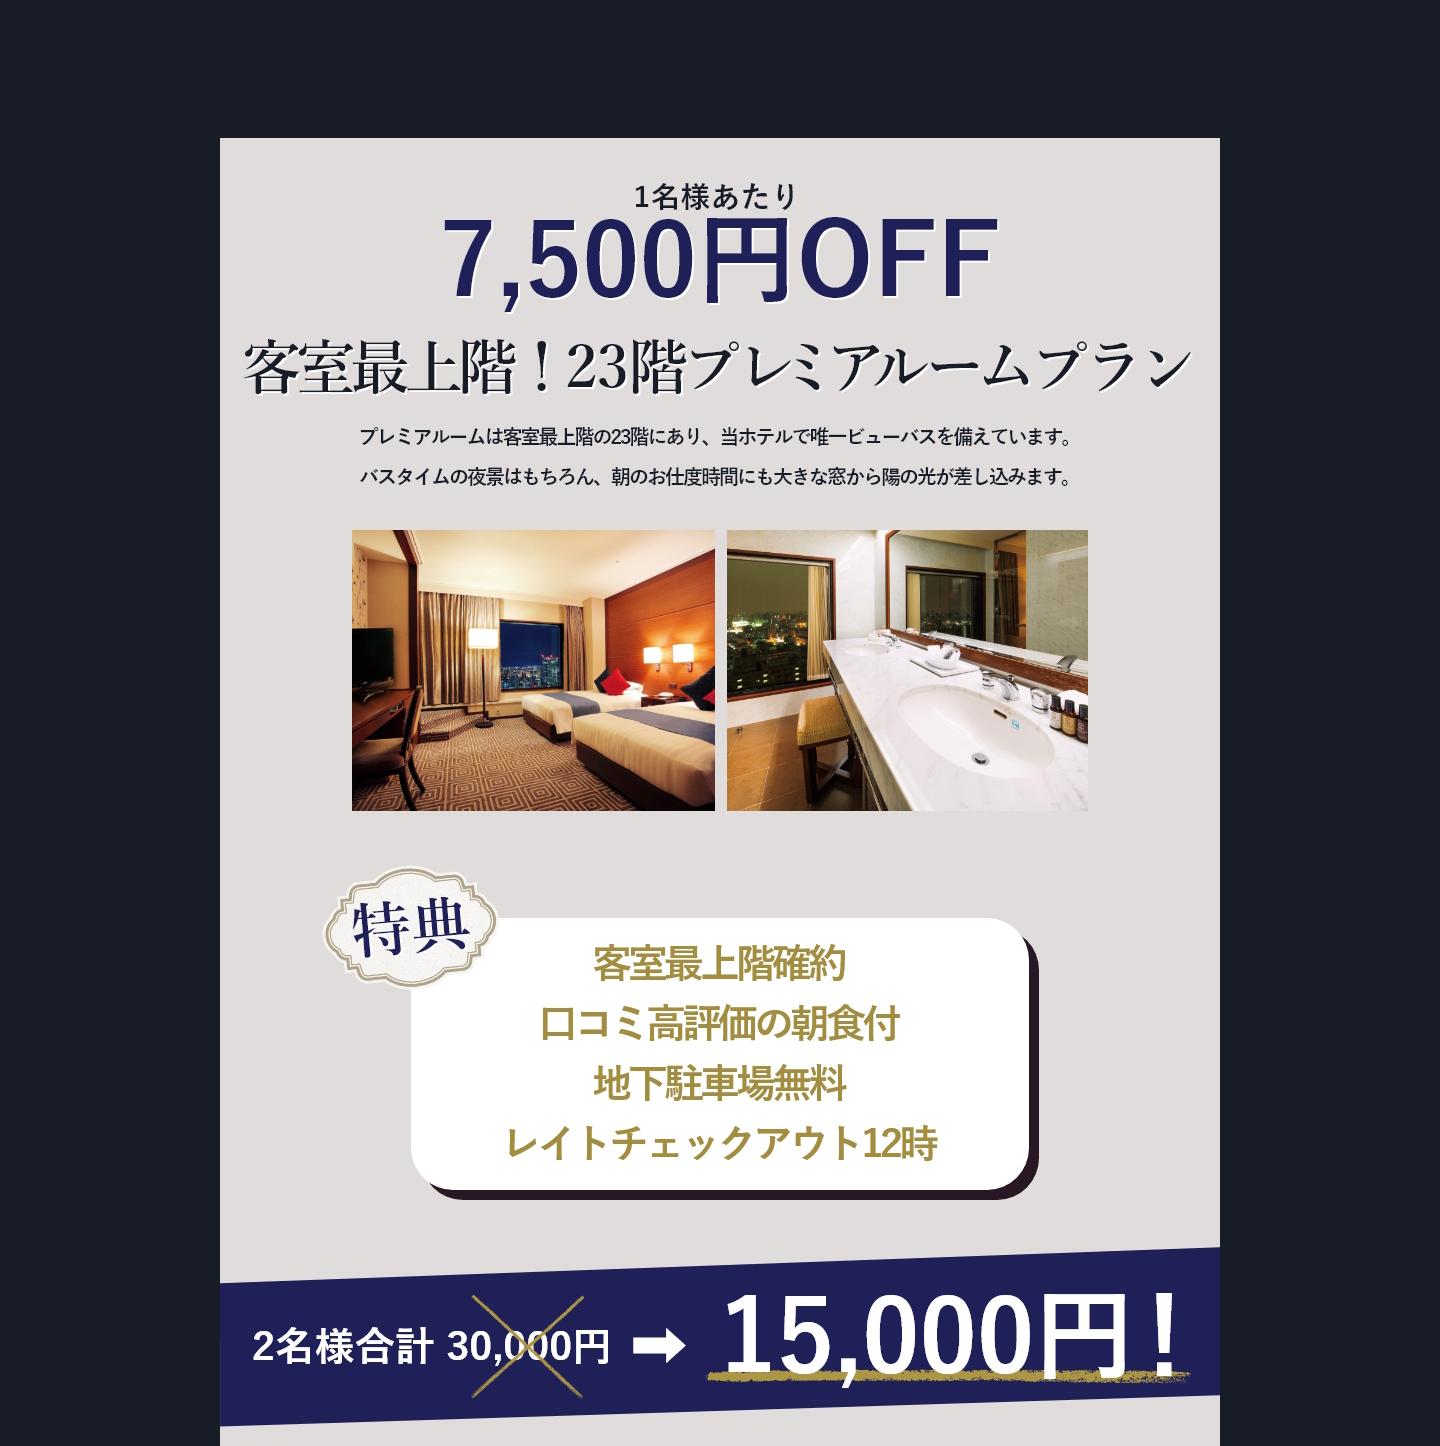 客室最上階!23階プレミアルームプラン